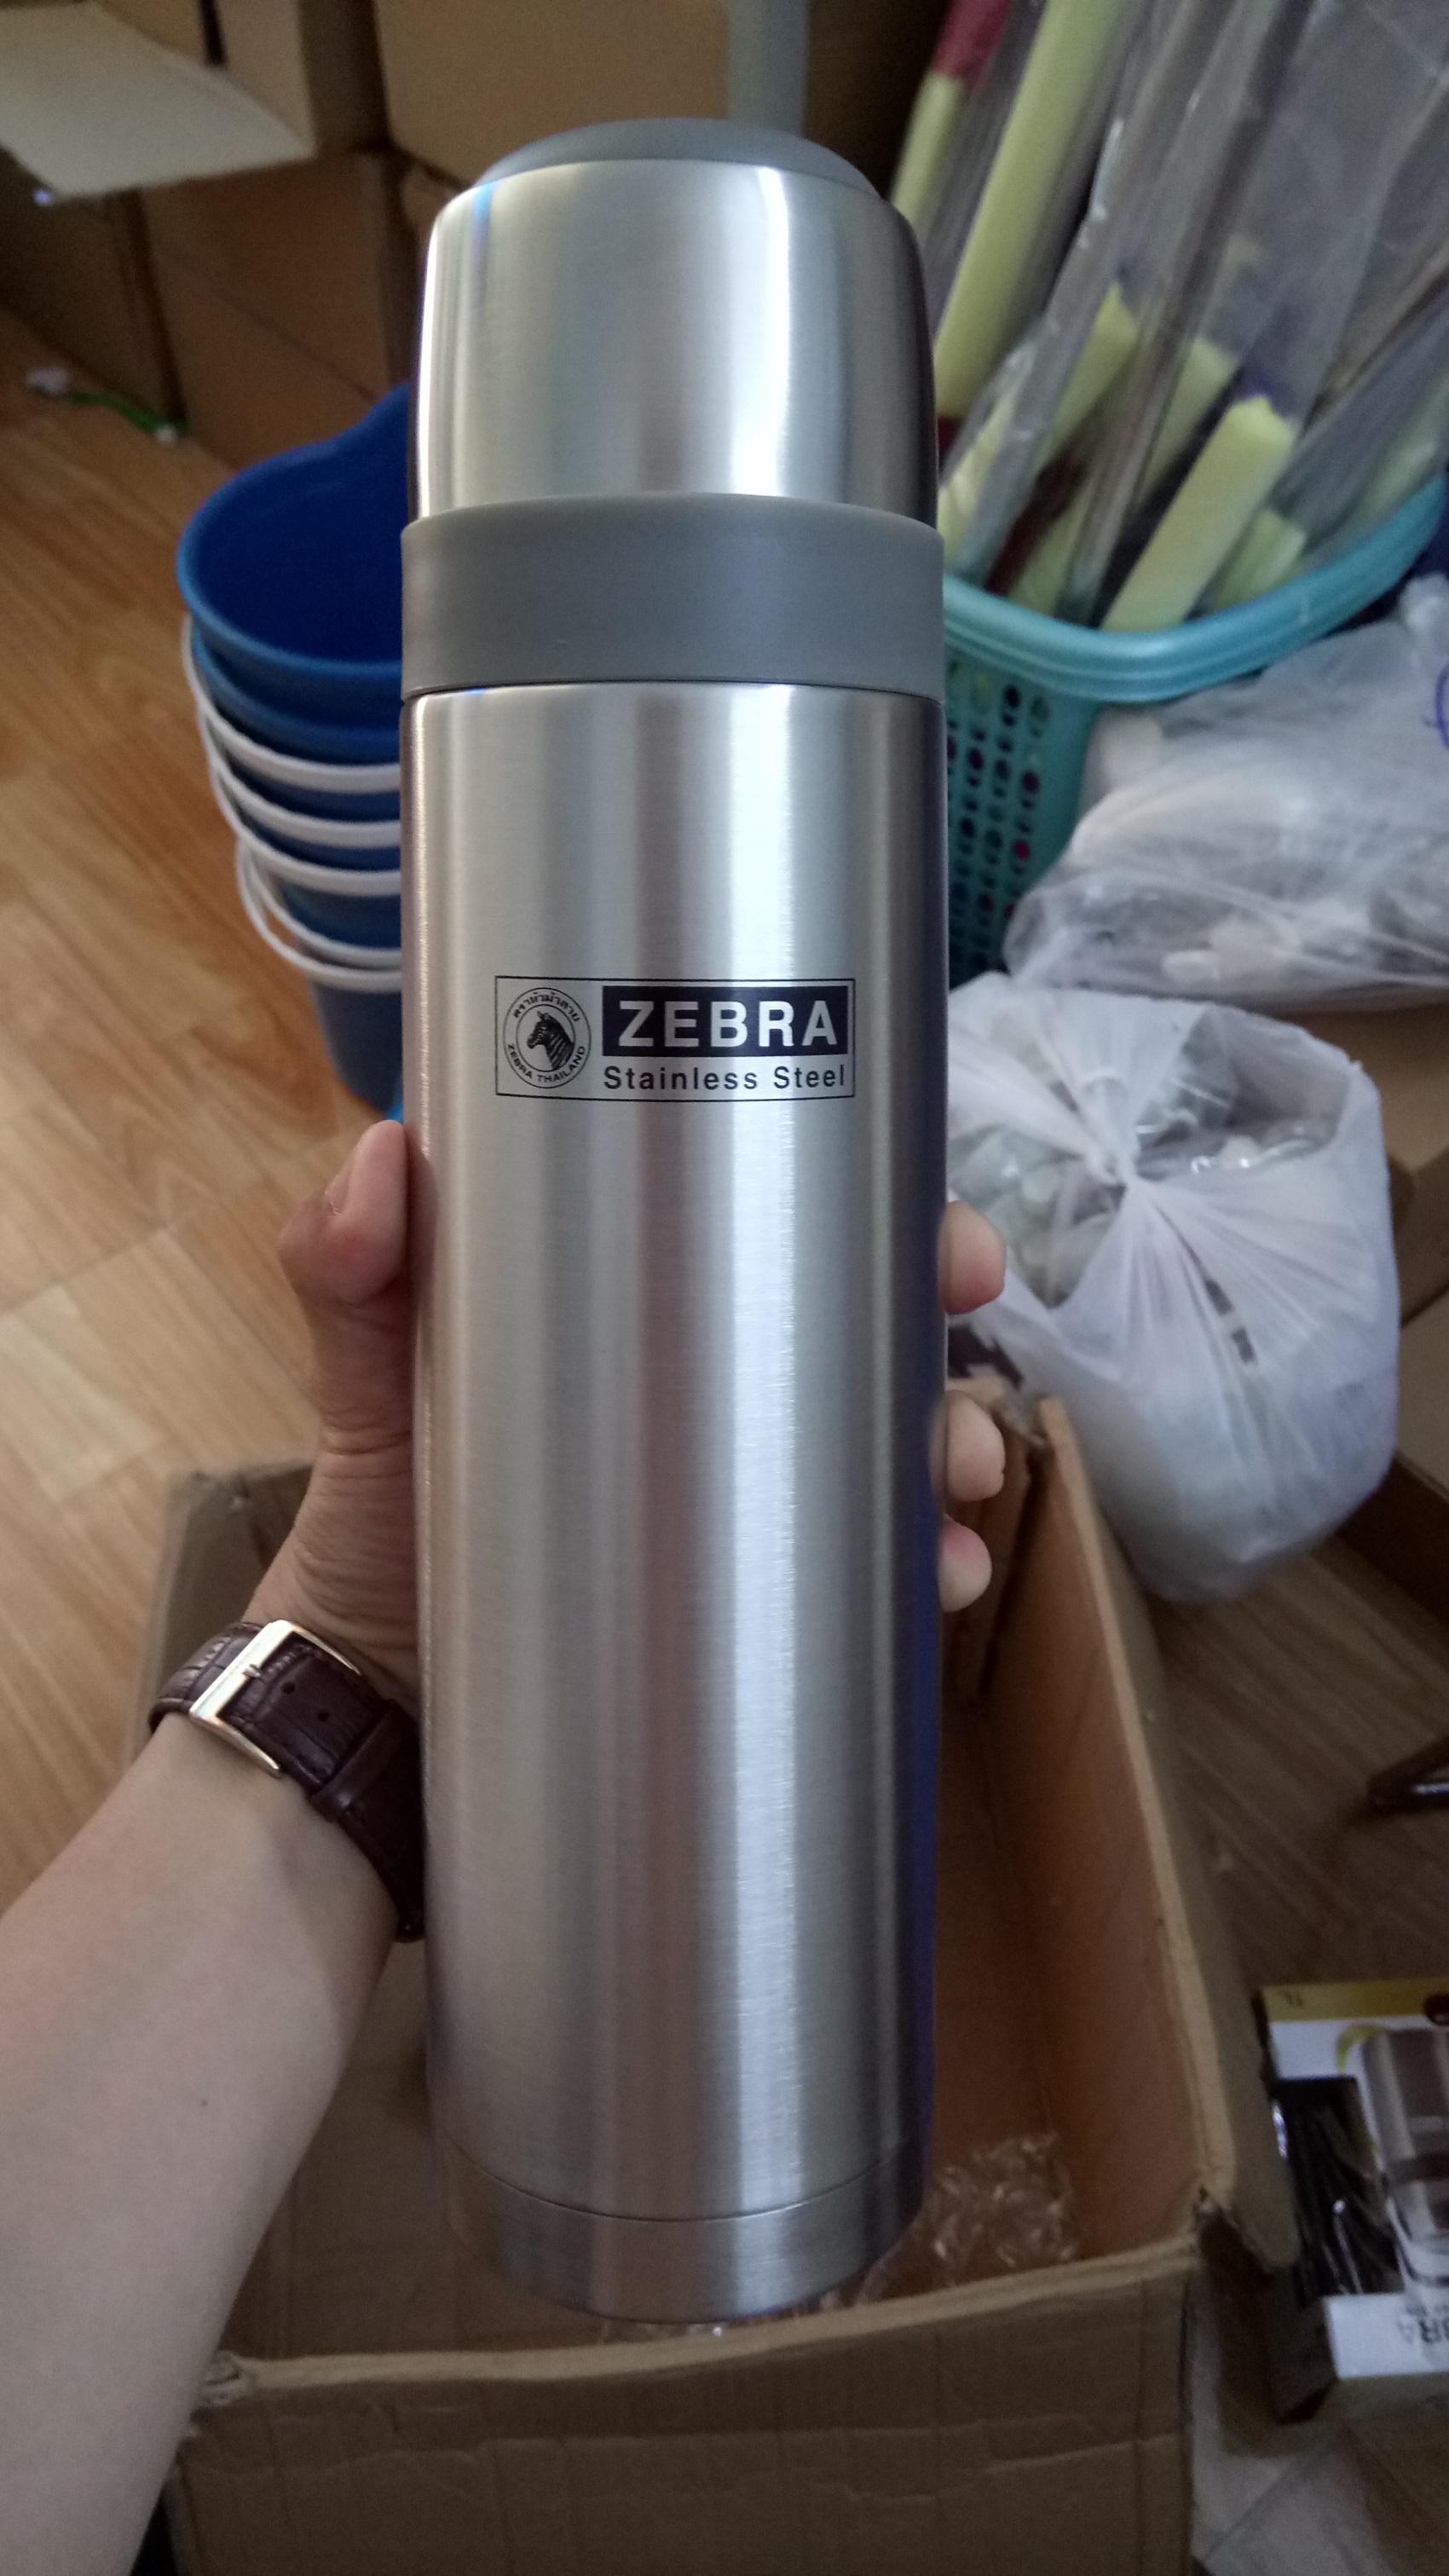 Bình giữ nhiệt Zebra - Inox - 1 lít